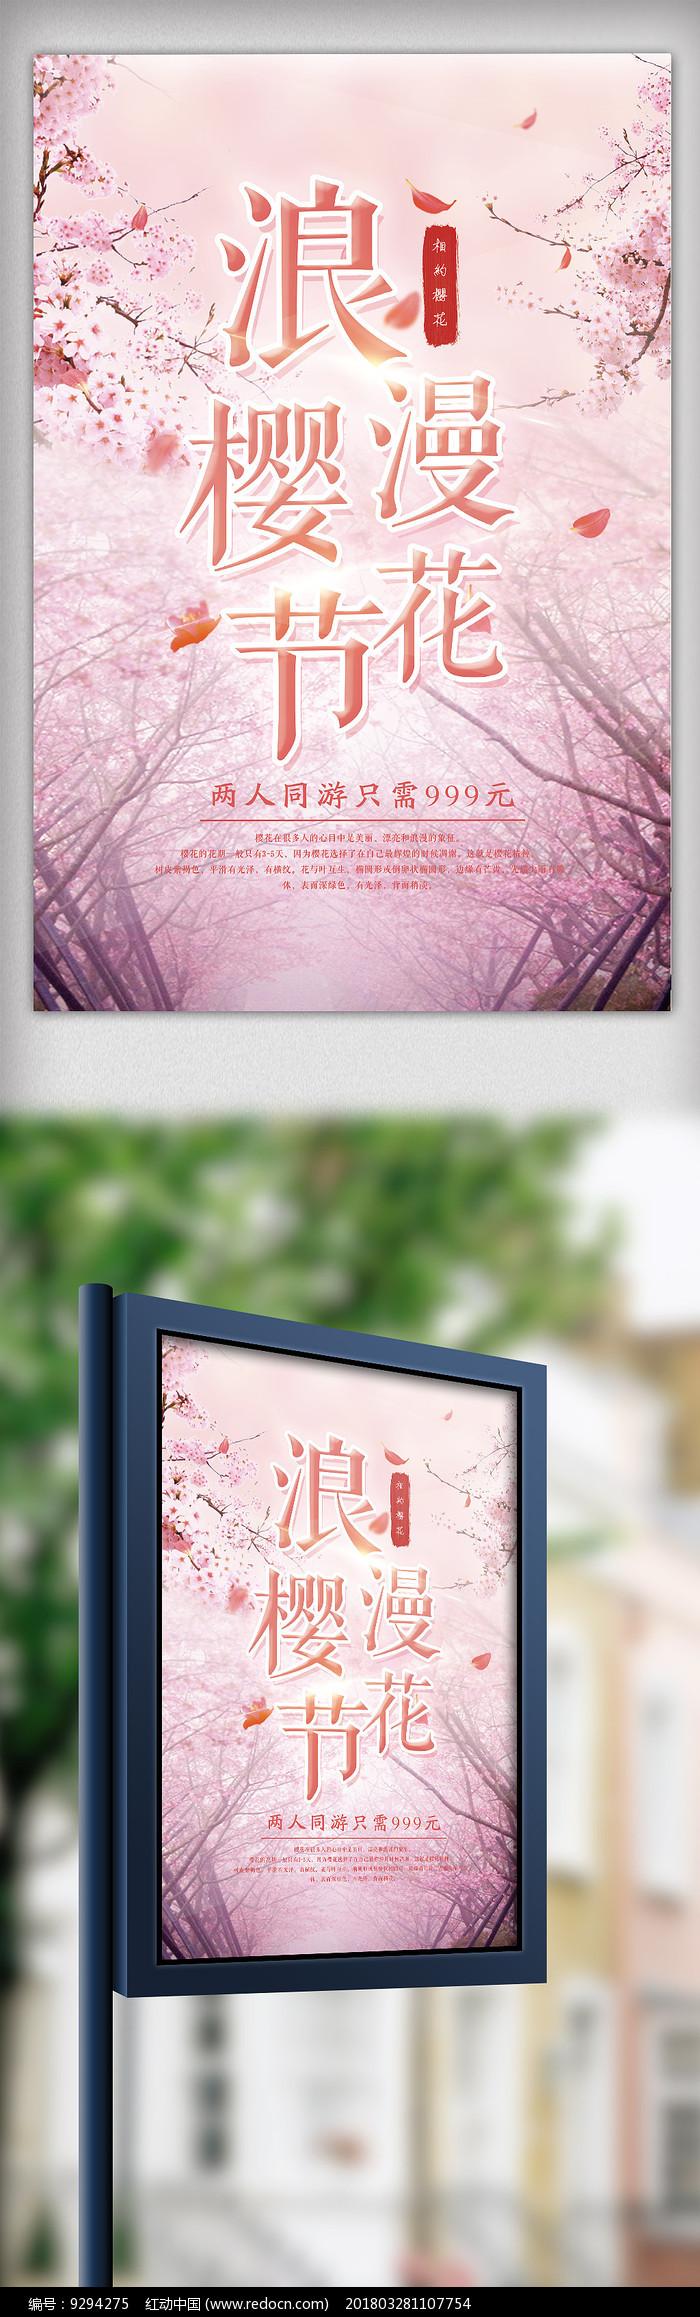 唯美浪漫樱花节海报设计图片